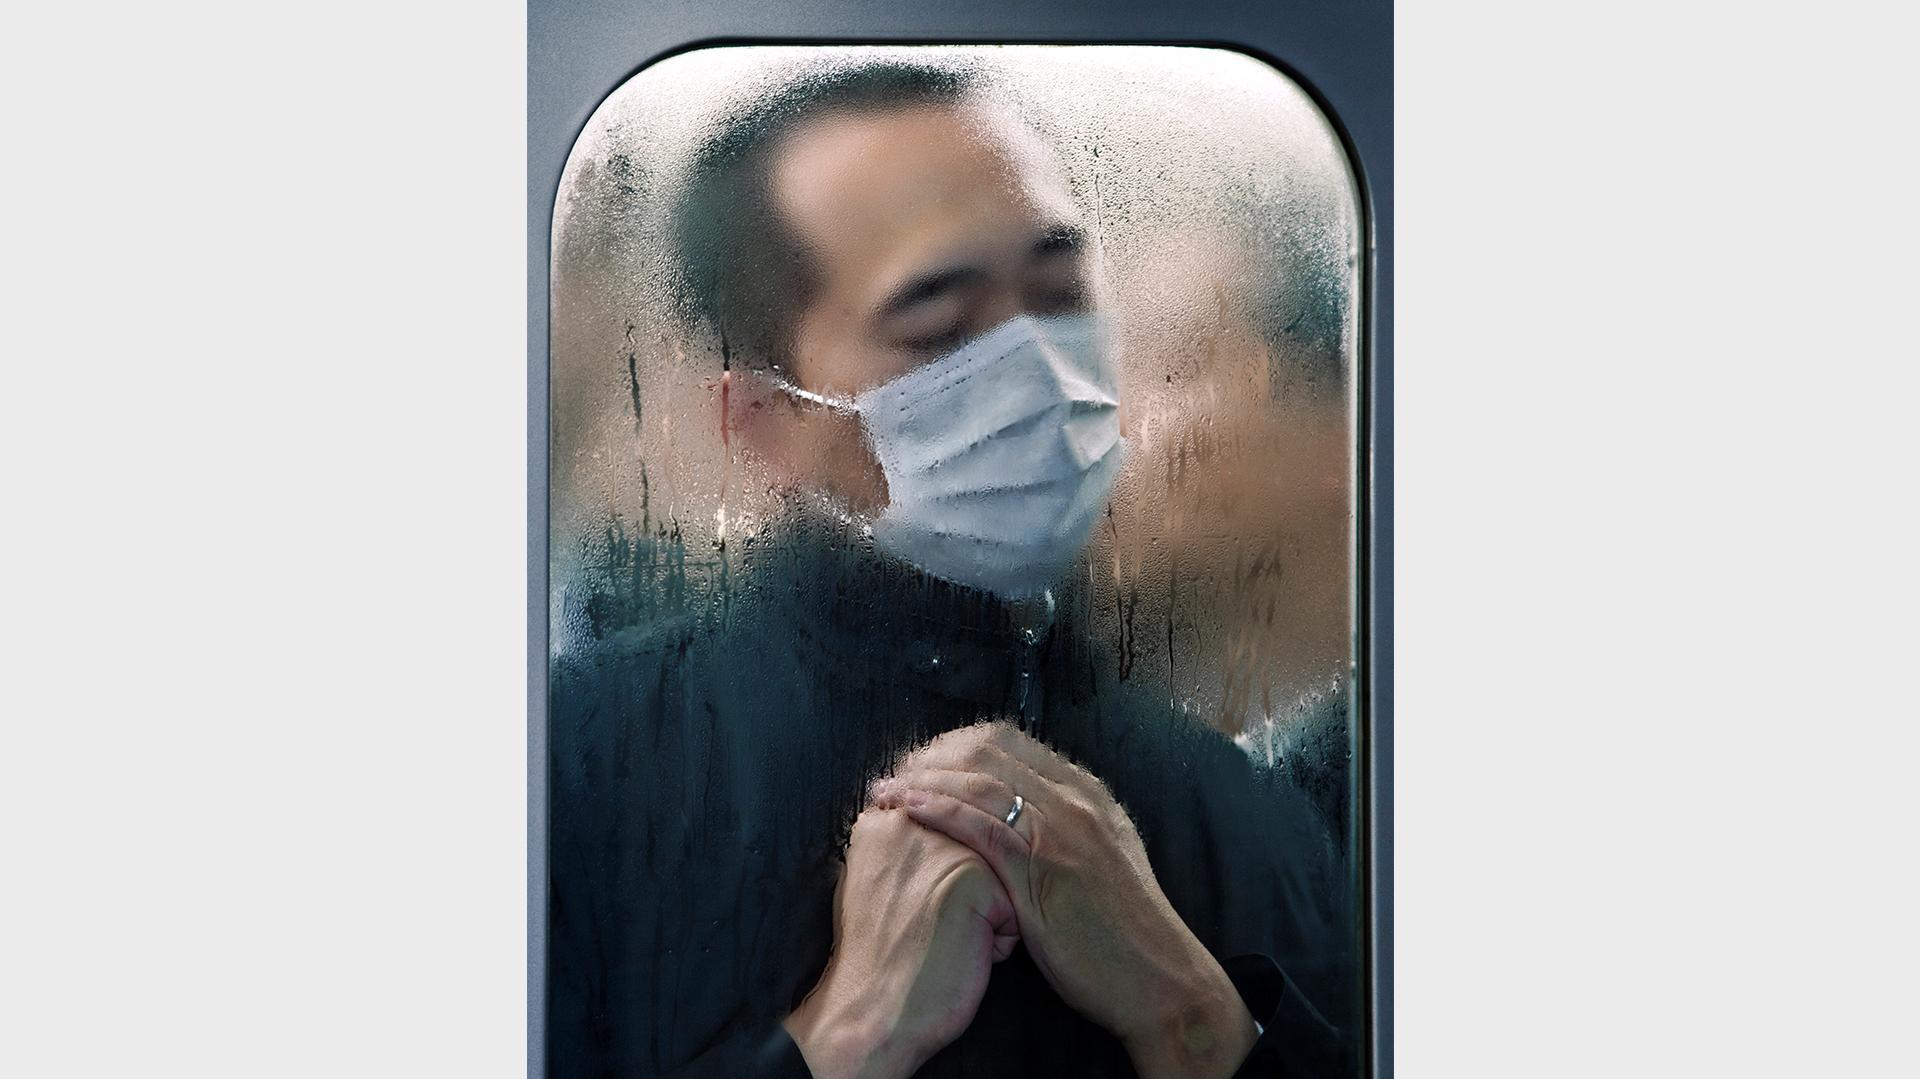 Ein junger Chinese hinter einer beschlagenen Scheibe im Zug in Tokyo. Er trägt eine Atemschutzmaske. Die Augen sind friedlich geschlossen, er hält seine rechte Faust in der linken Hand wie zum Gebet.